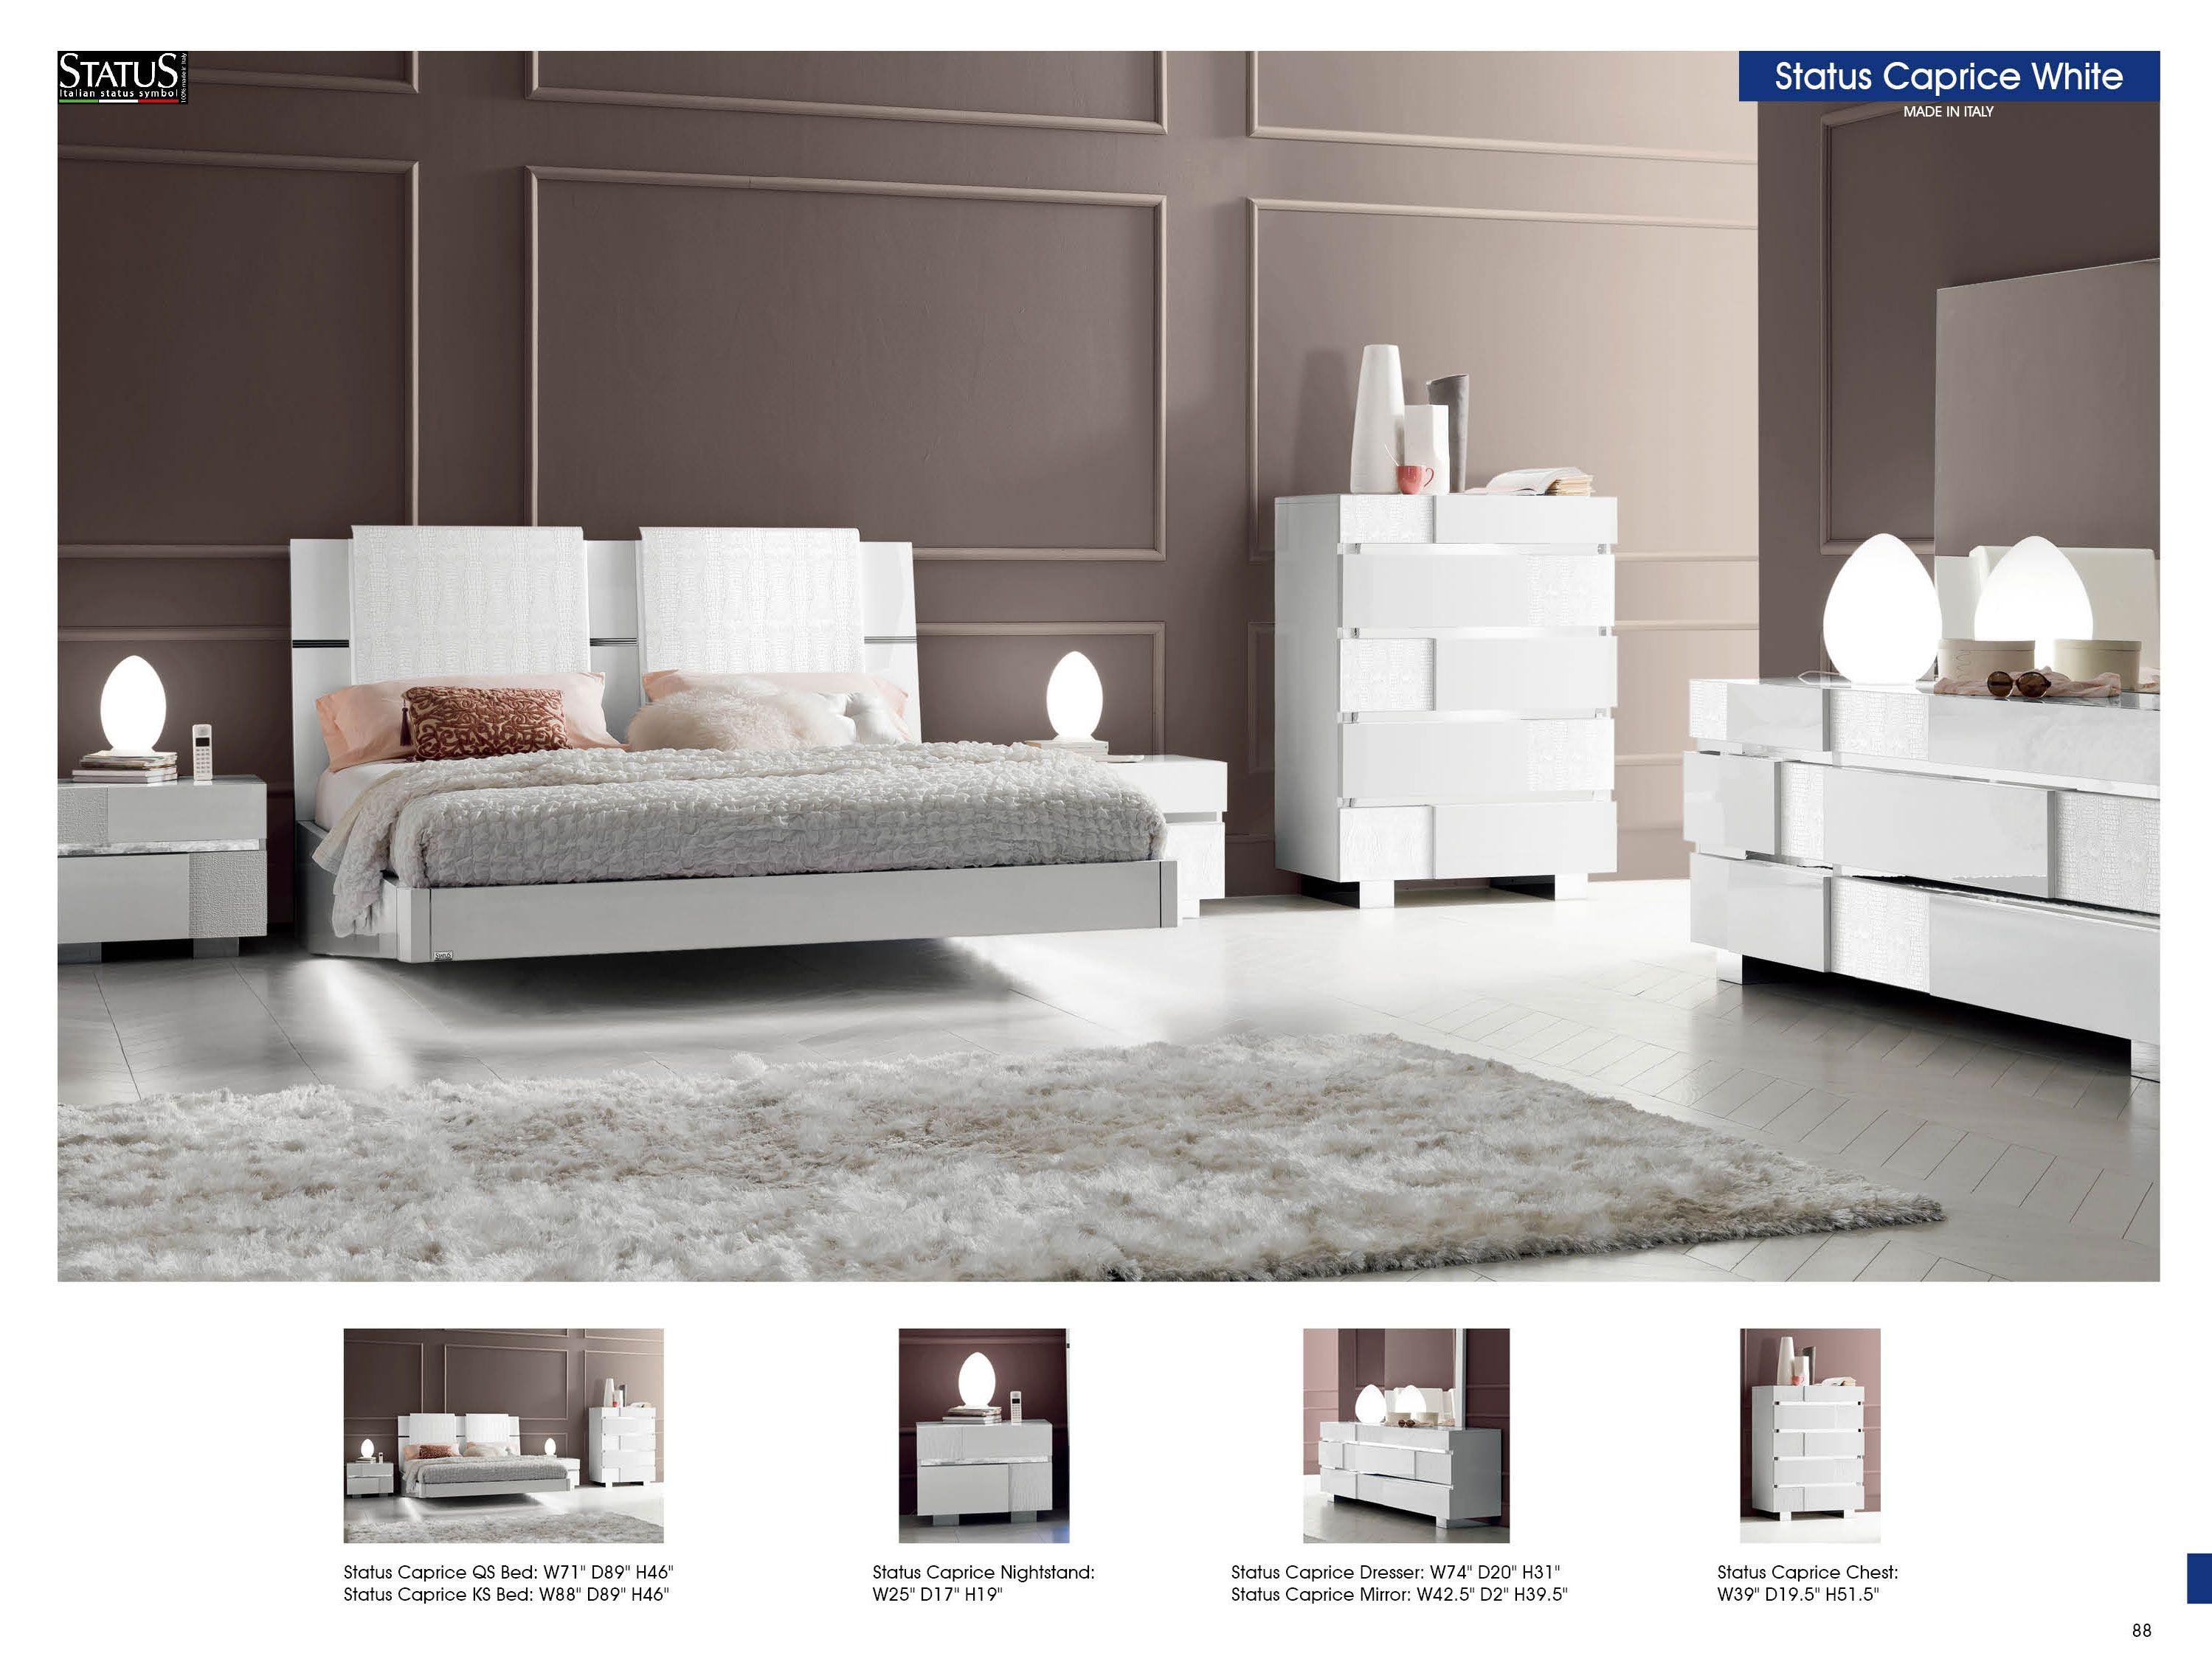 Moderne Wohnzimmer Möbel King Size Bett Sets Moderne Möbel Shops ...